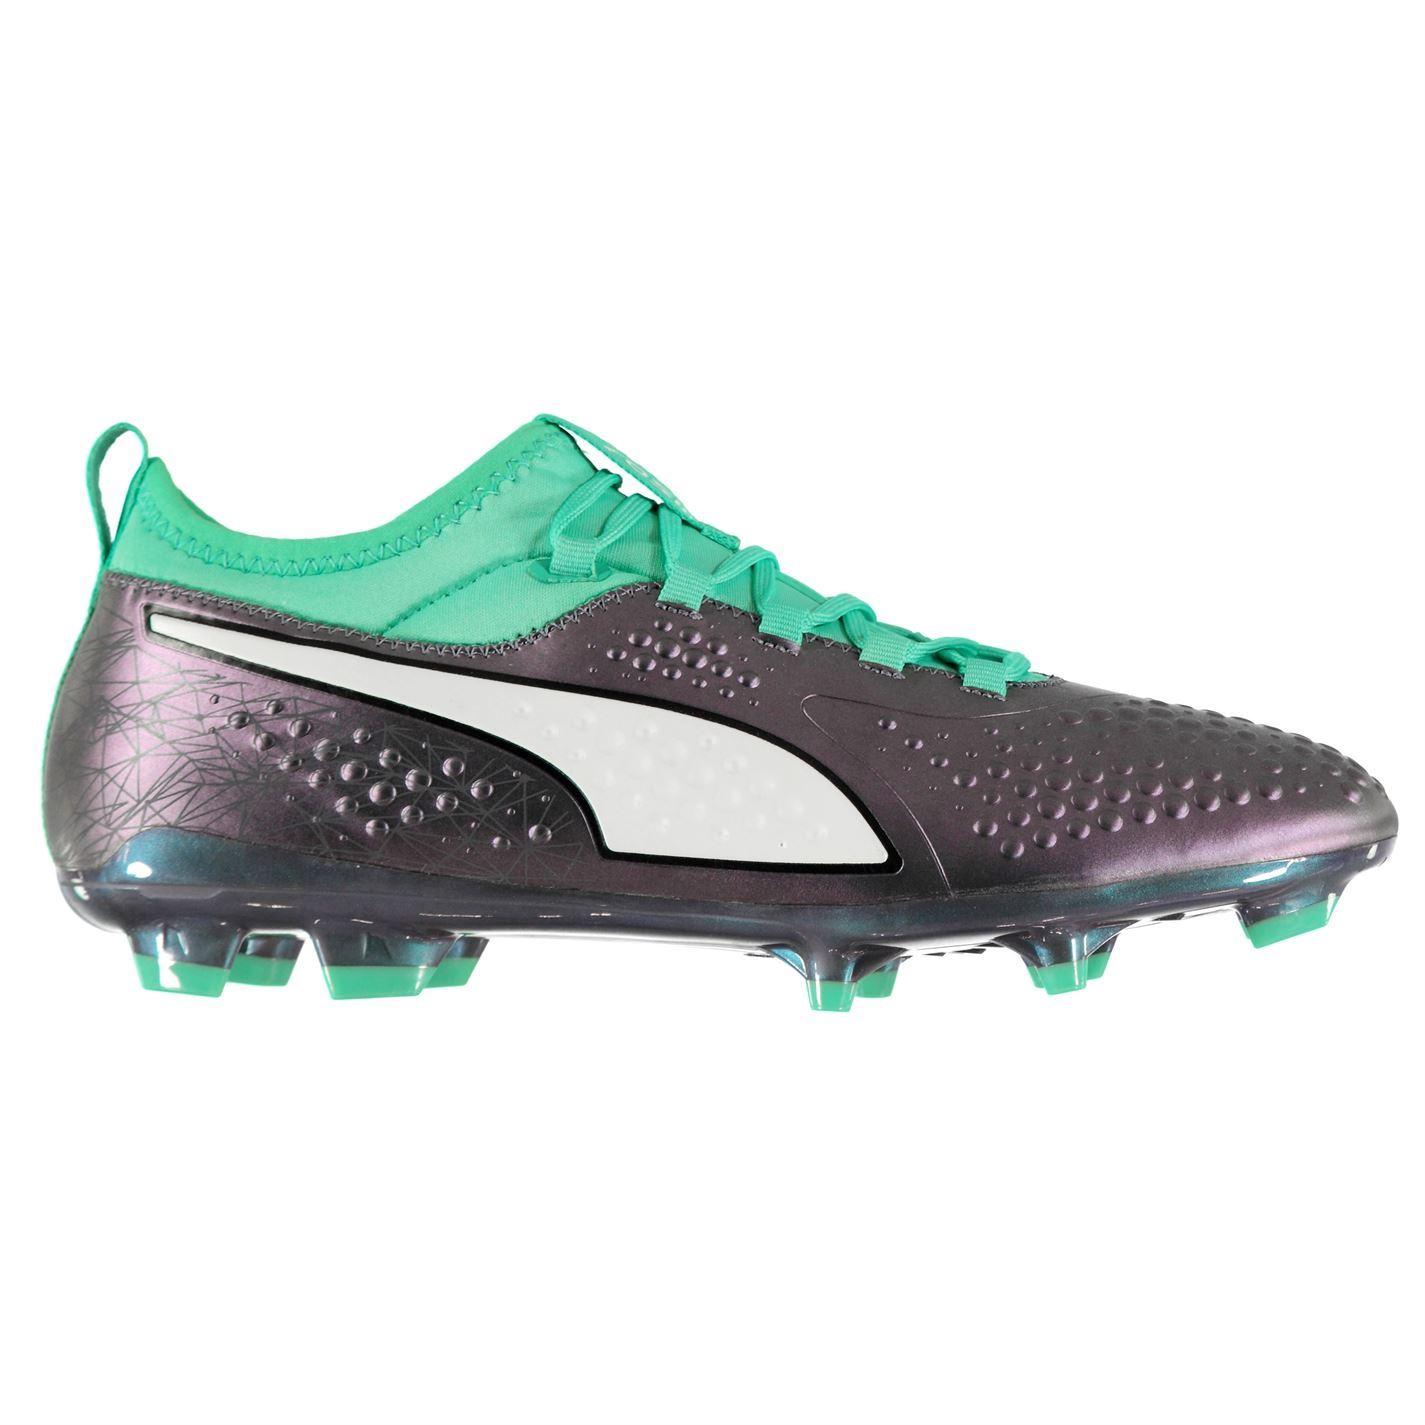 Puma Homme One 3 FG Chaussures De Football Ferme Sol à Lacets Léger Rivets-